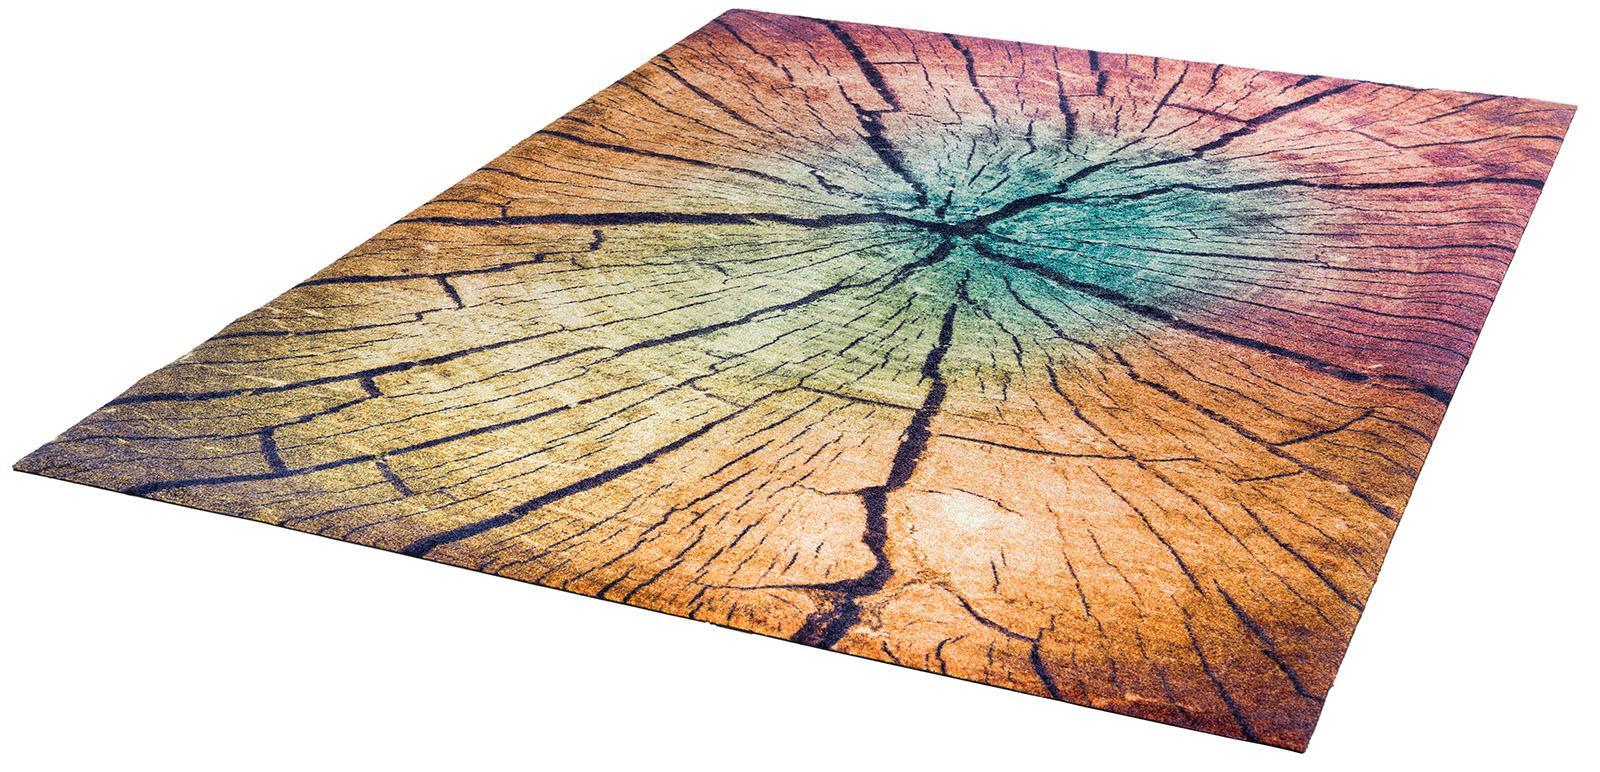 Teppich Wood Land wash+dry by Kleen-Tex rechteckig Höhe 9 mm gedruckt